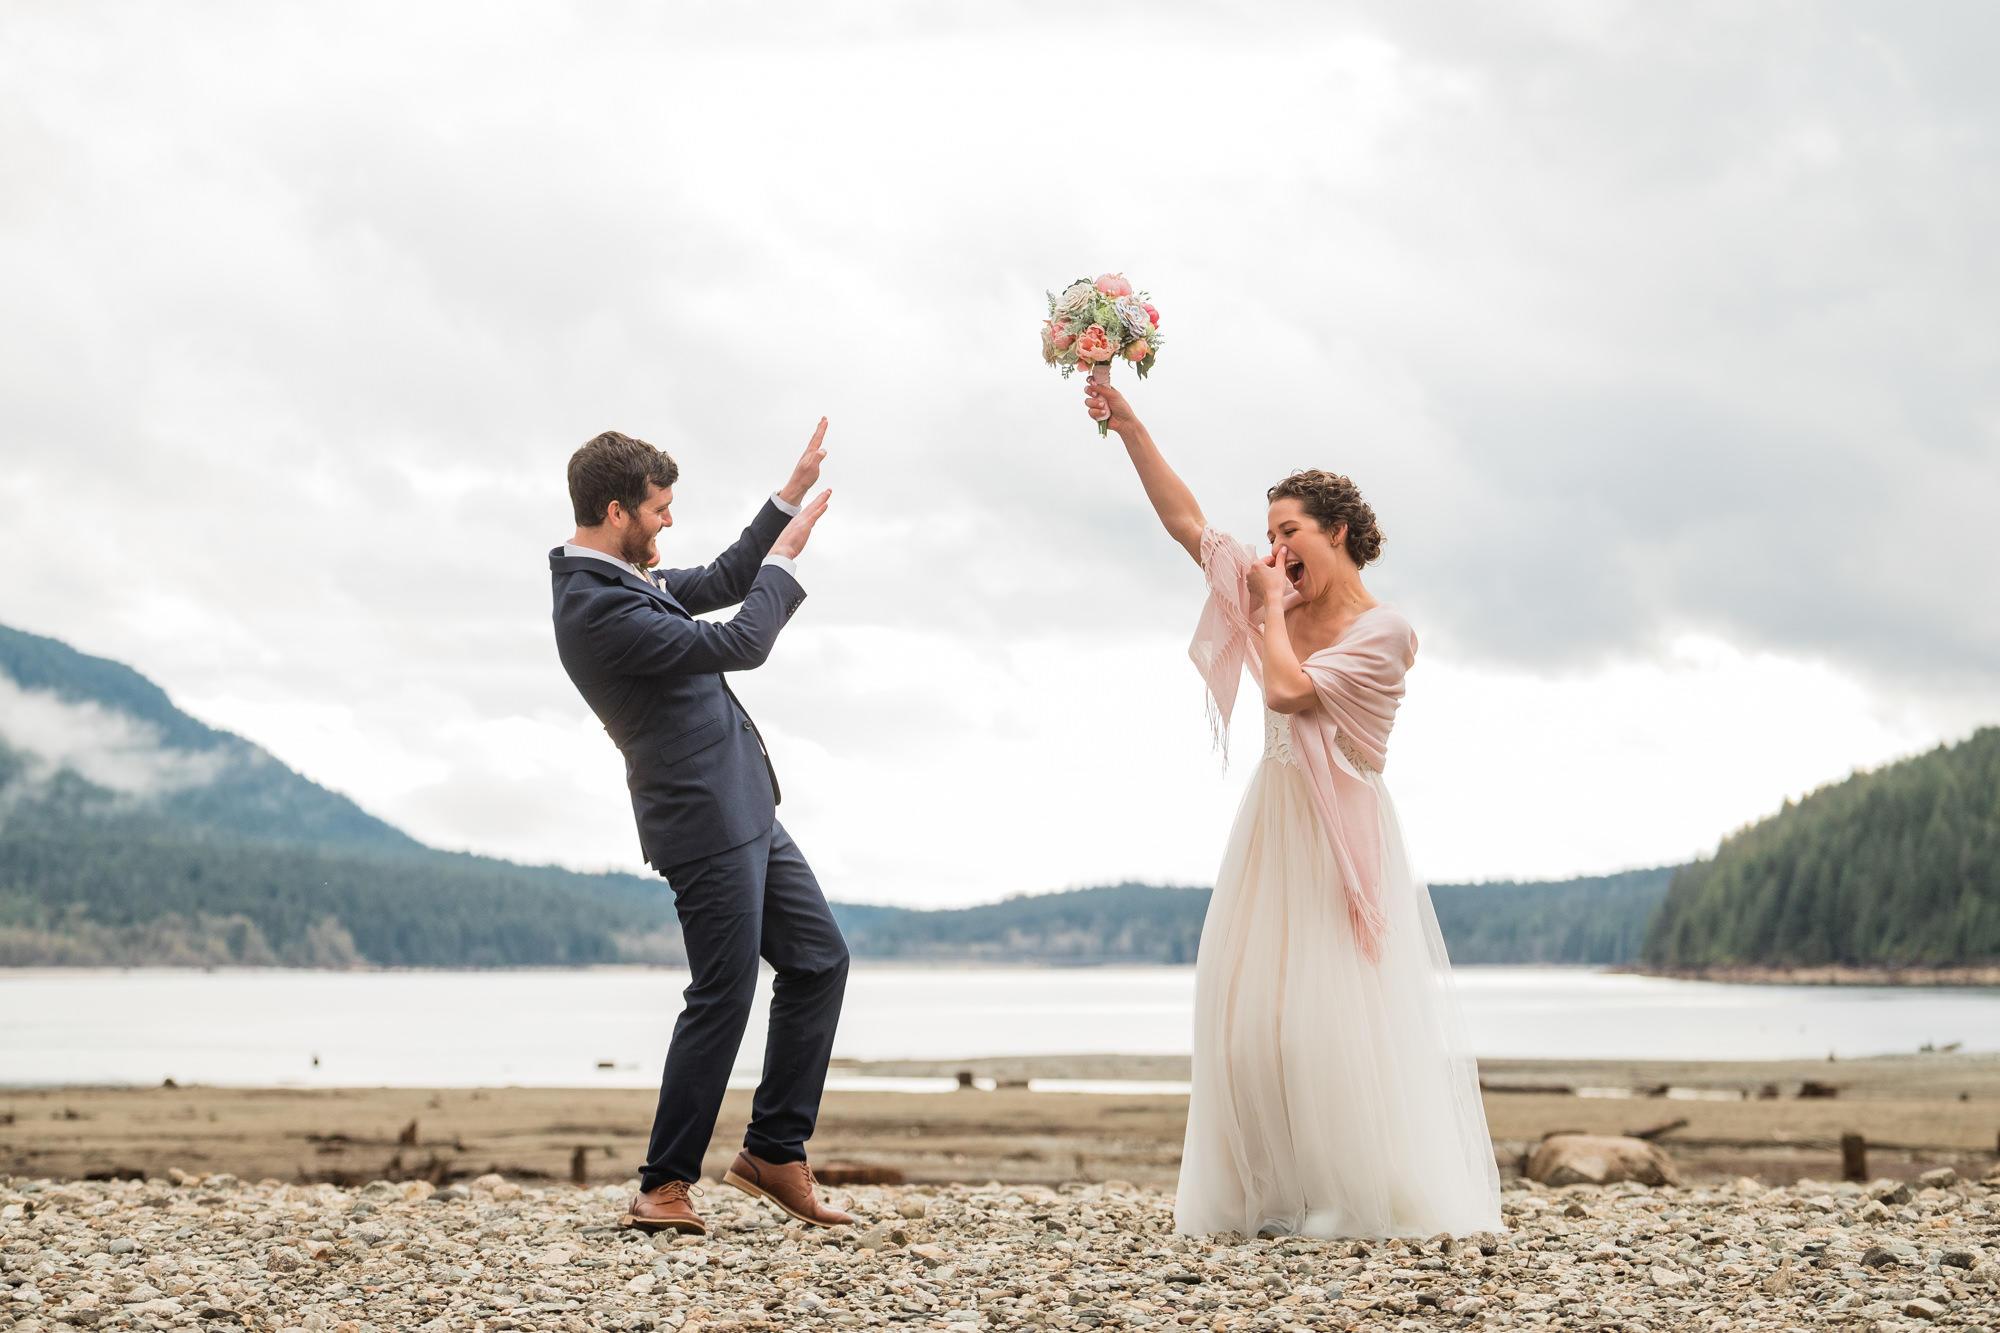 wedding couple doing a funny dance on a beach